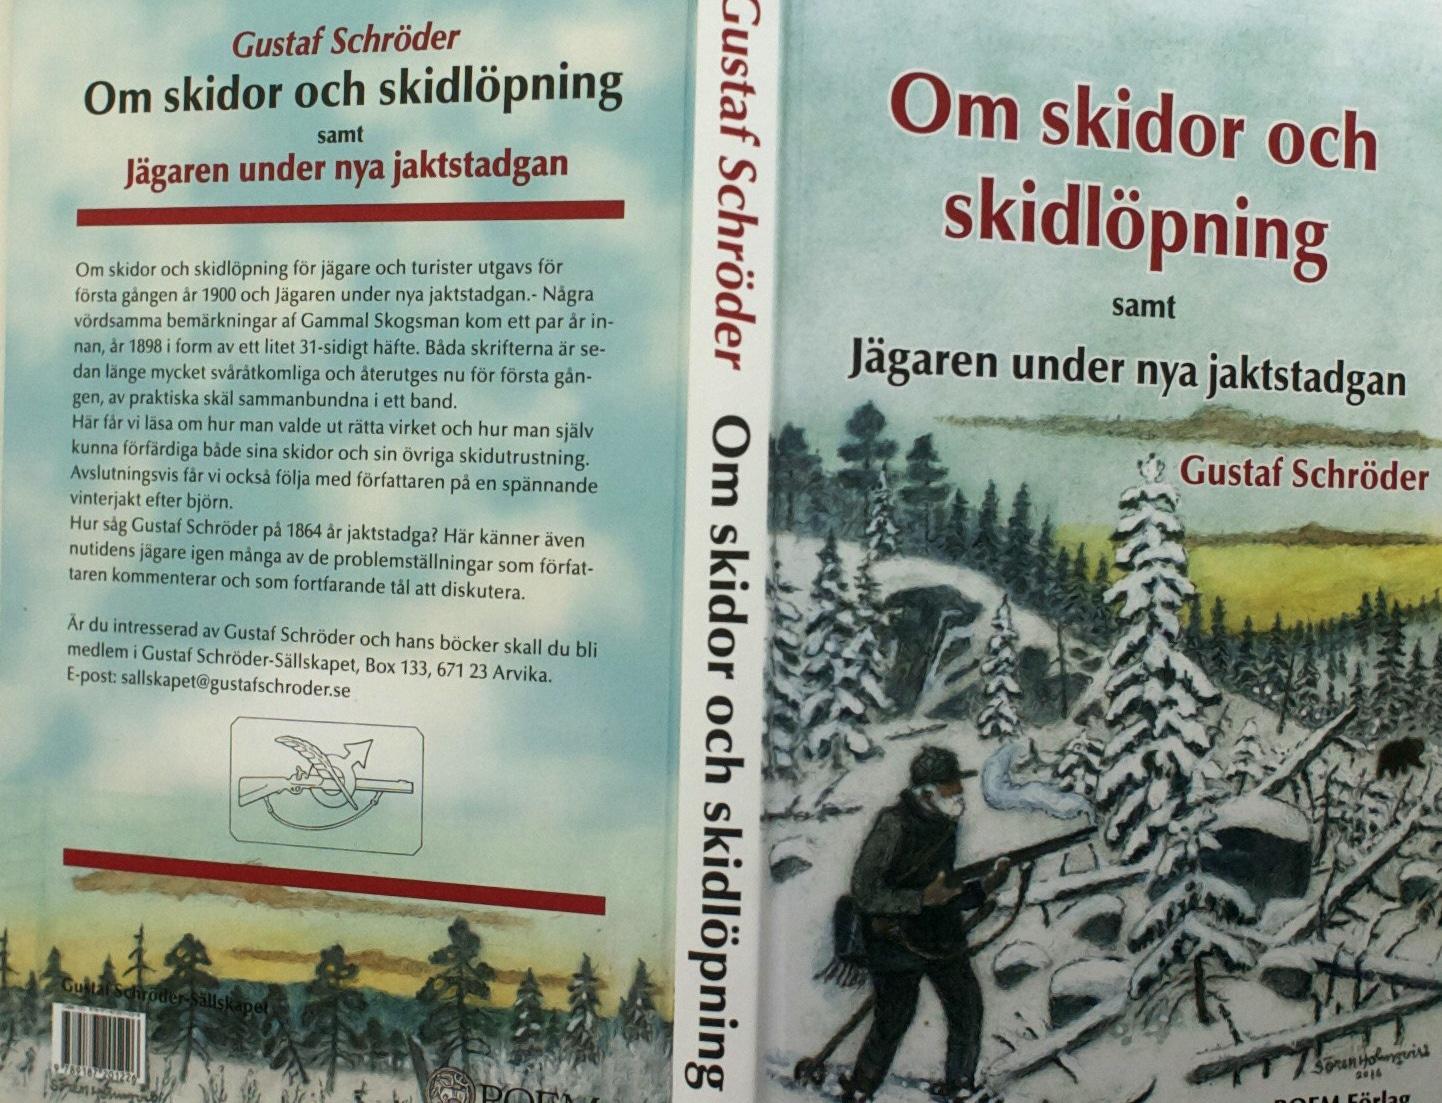 Om skidor och skidåkning av Gustaf Schröder.